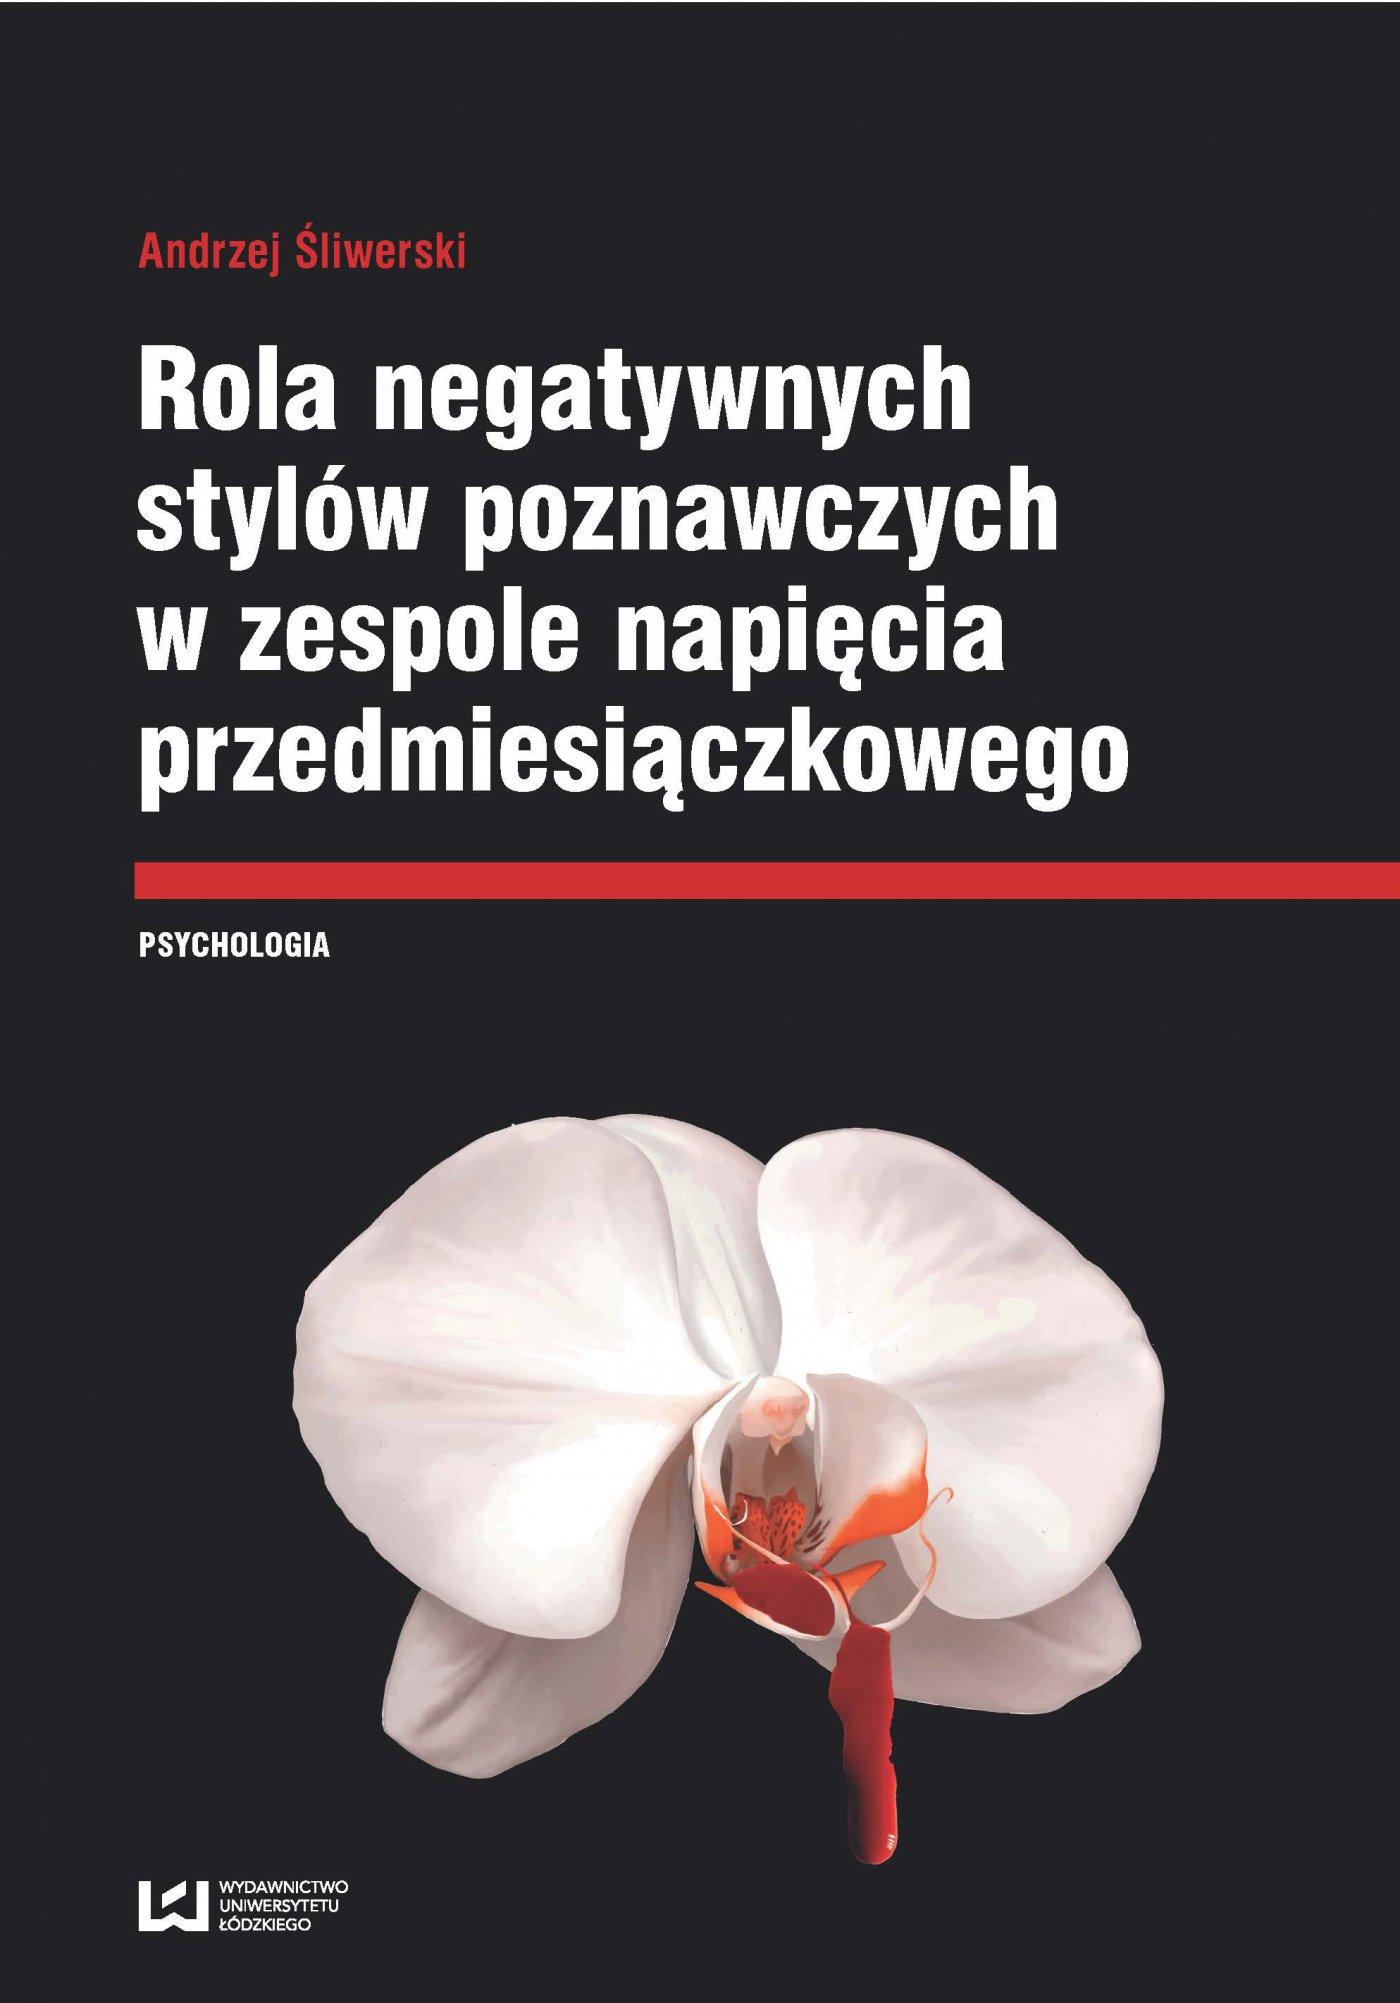 Rola negatywnych stylów w zespole napięcia przedmiesiączkowego - Ebook (Książka PDF) do pobrania w formacie PDF